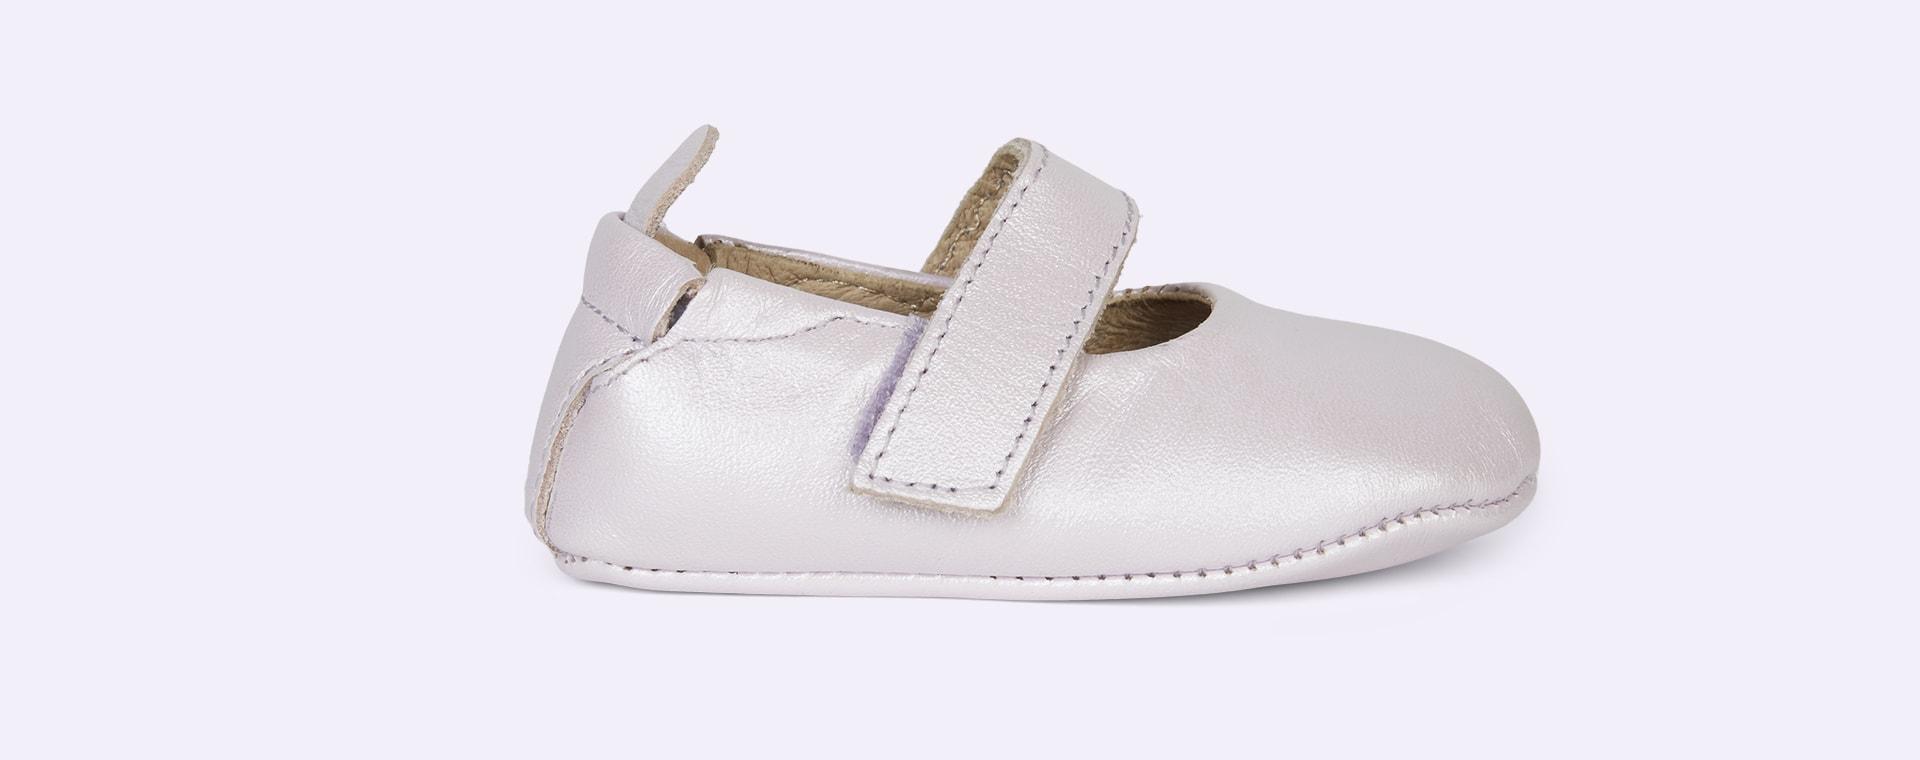 Lilac old soles Gabrielle Soft Sole Shoe